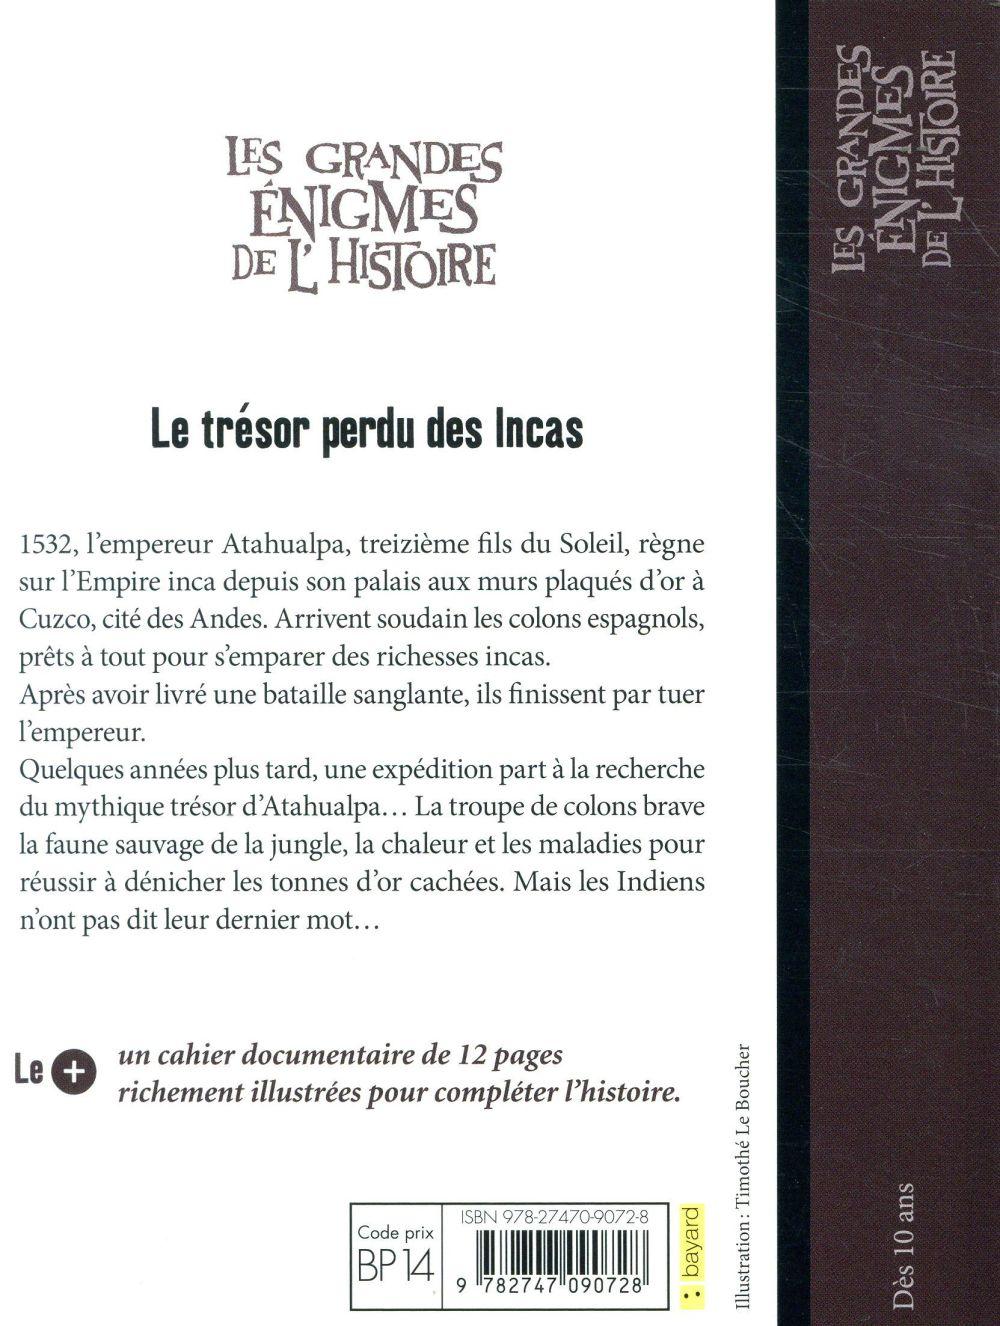 les grandes énigmes de l'histoire ; le trésor des Incas